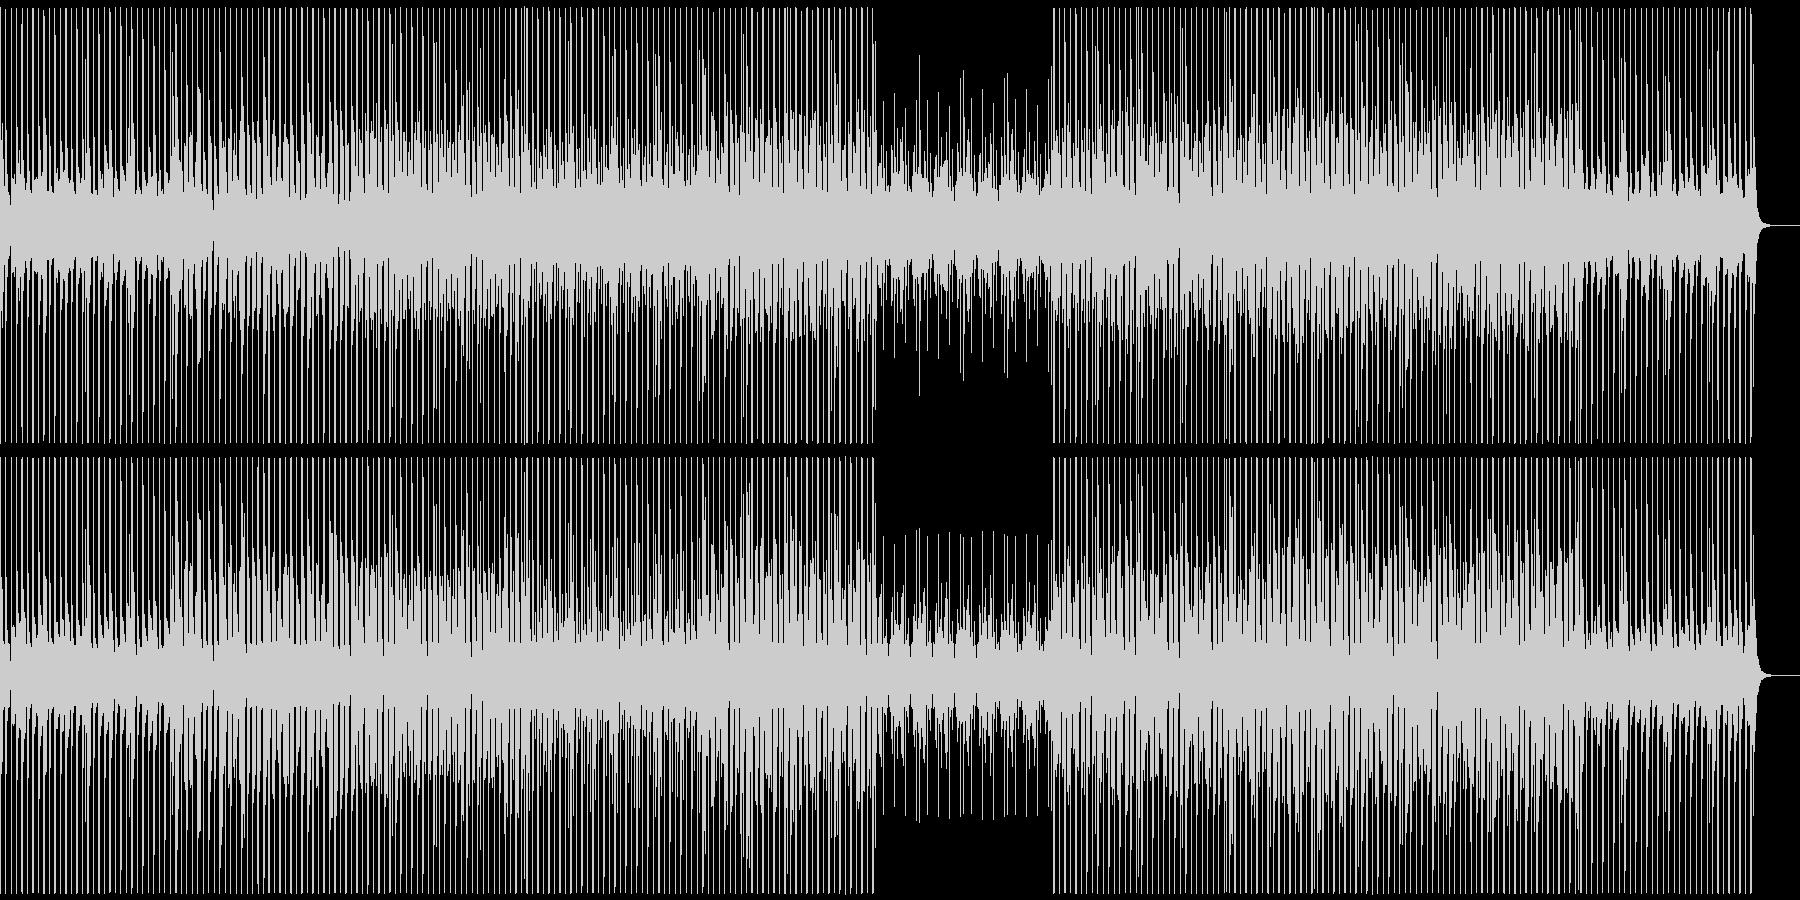 ハイテクなCMで使われそうなテクノの未再生の波形